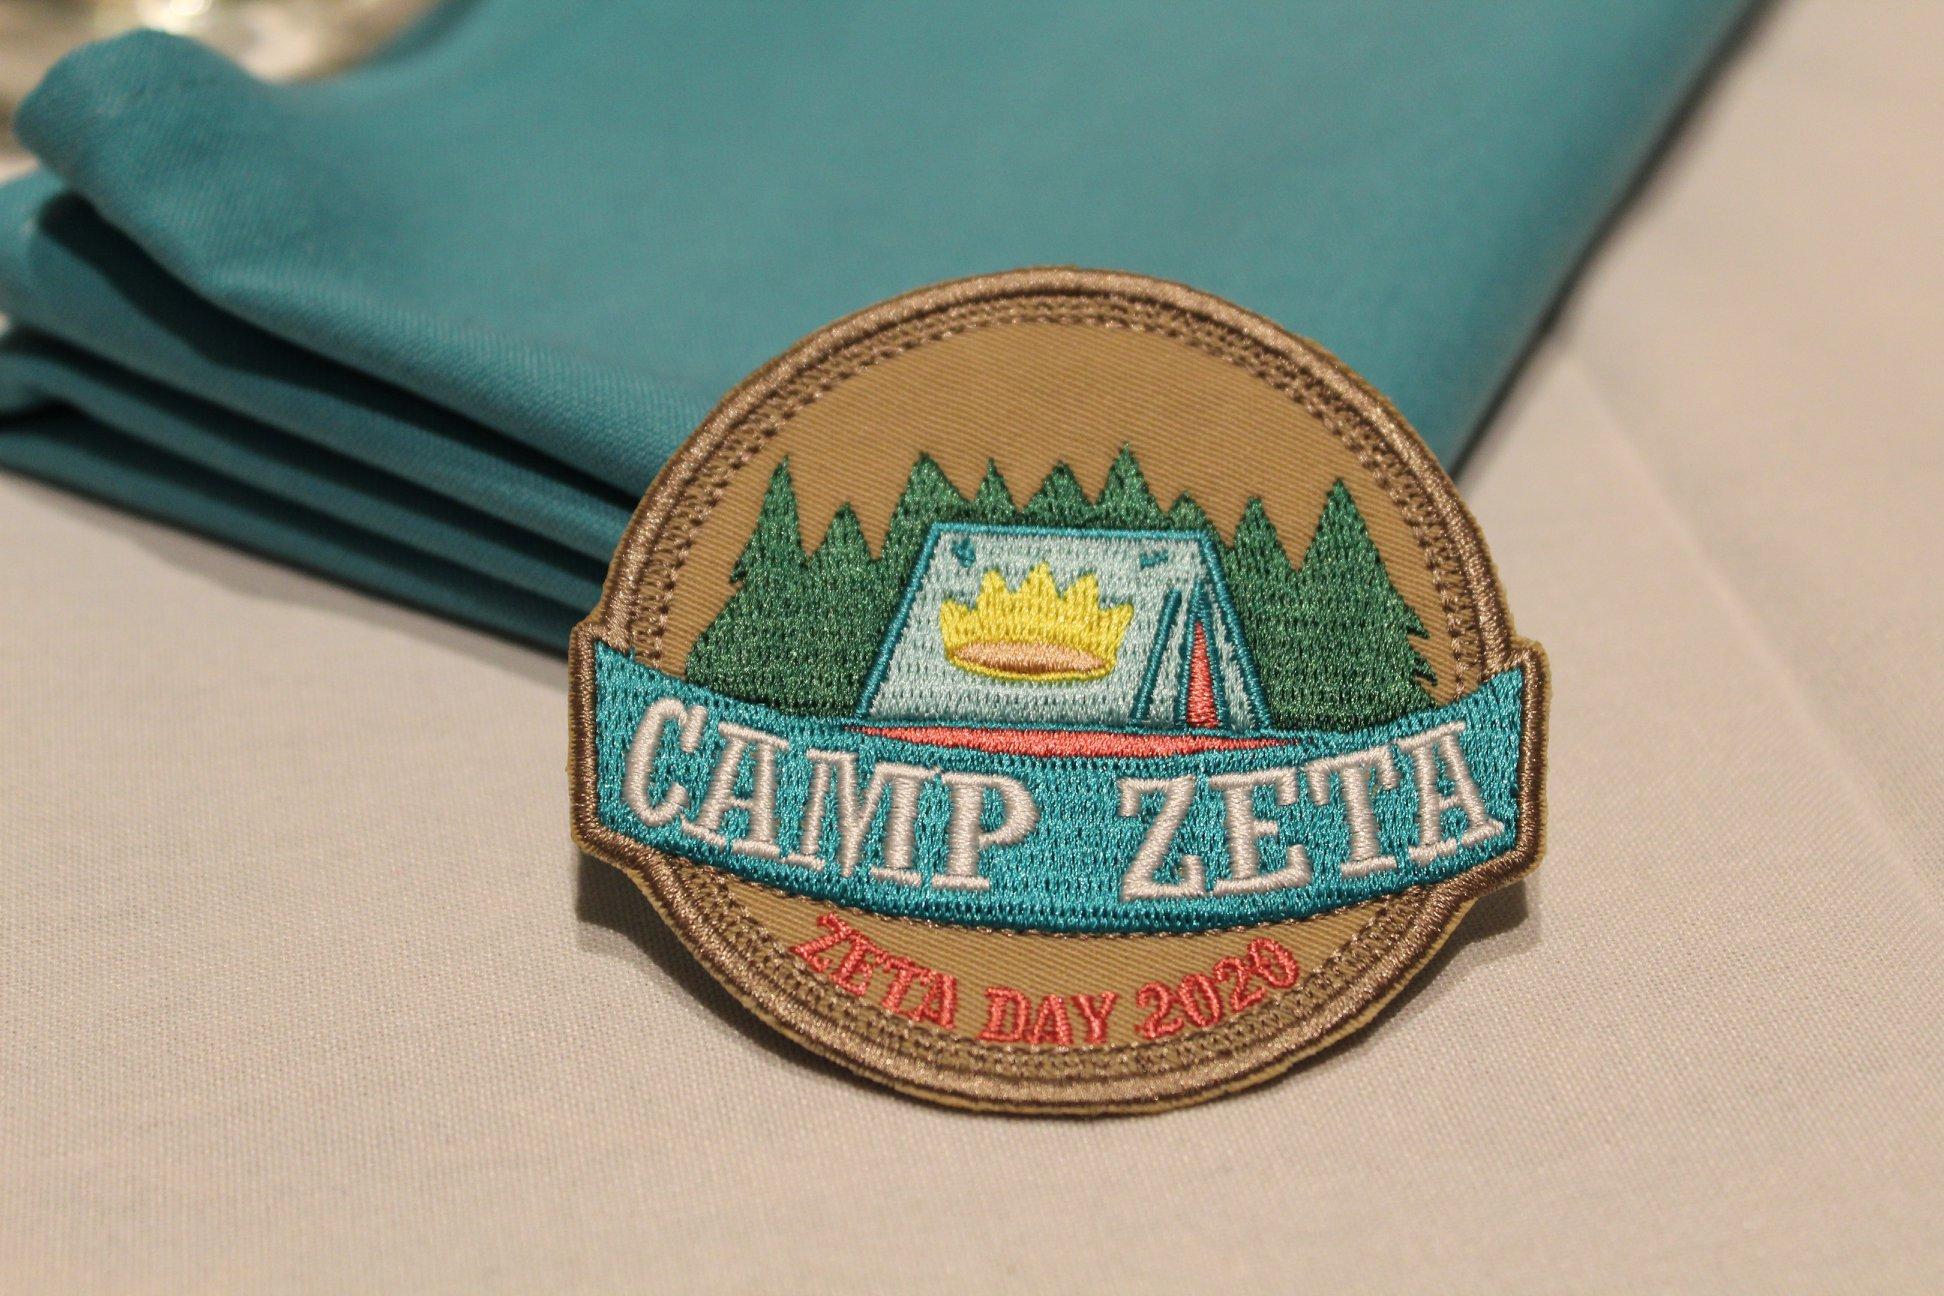 Zeta Day 2020